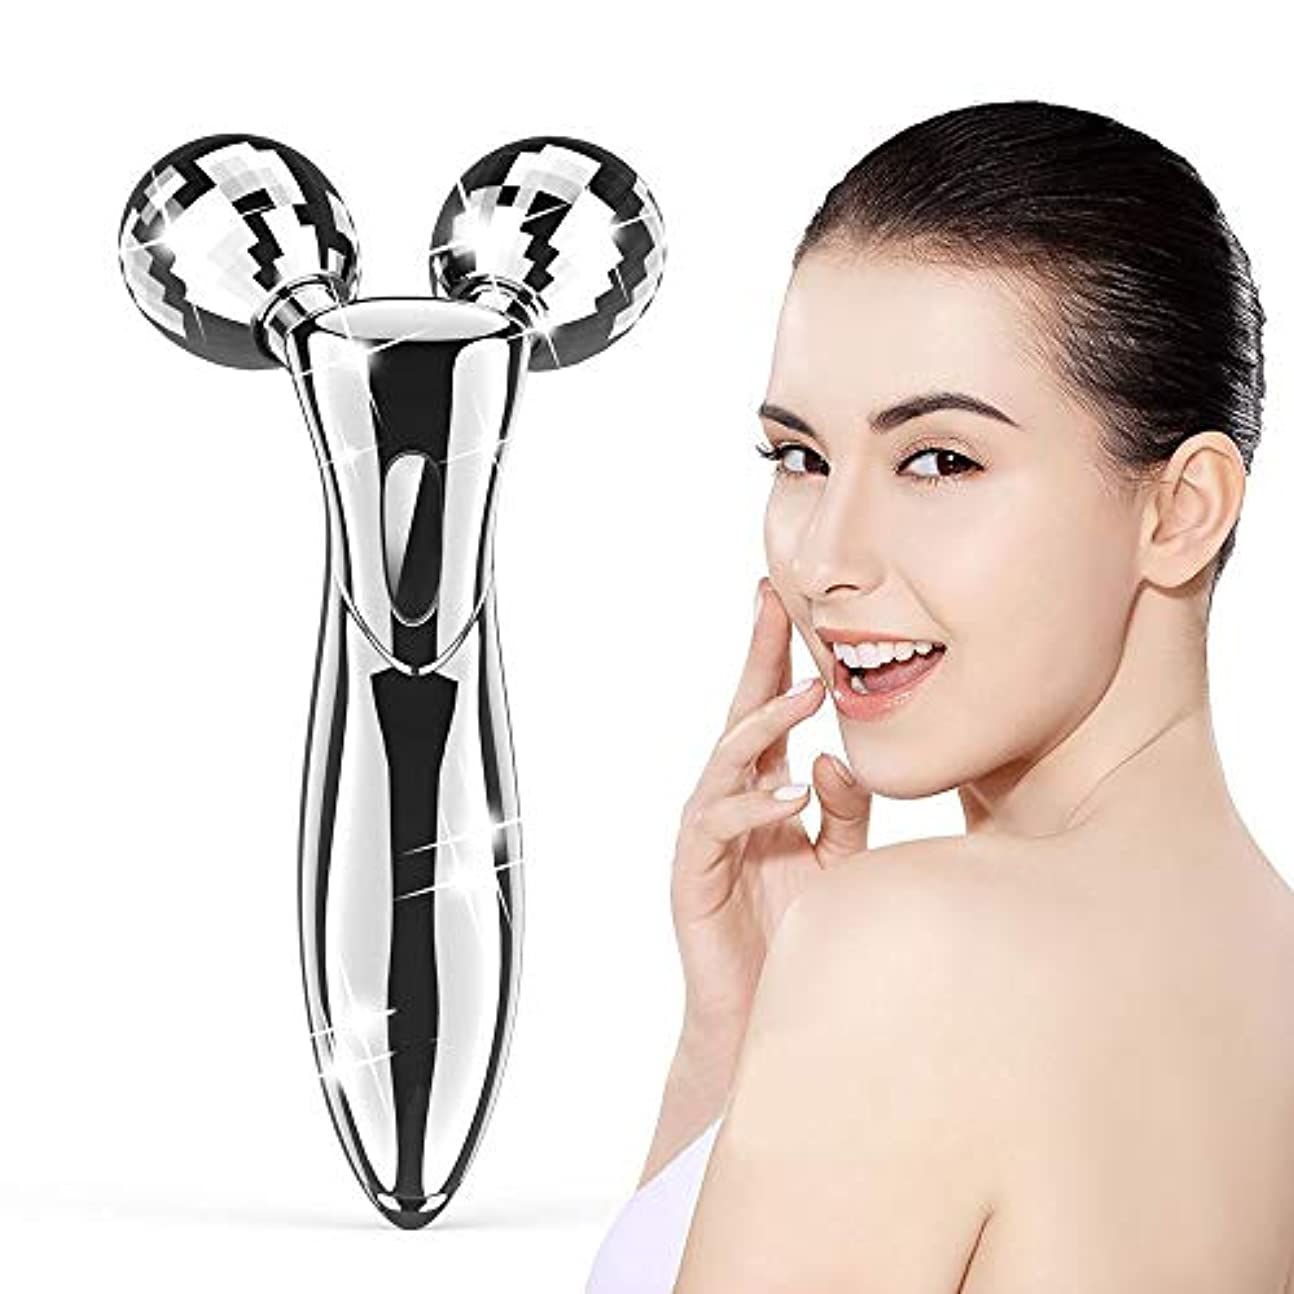 ダーベビルのテス精算調査美容ローラー 美顔ローラー フェイスローラー 美顔器 V字型 マイクロカレント マッサージローラー 3D ボディーローラー 充電不要 ほうれい線改善 防水 ギフト